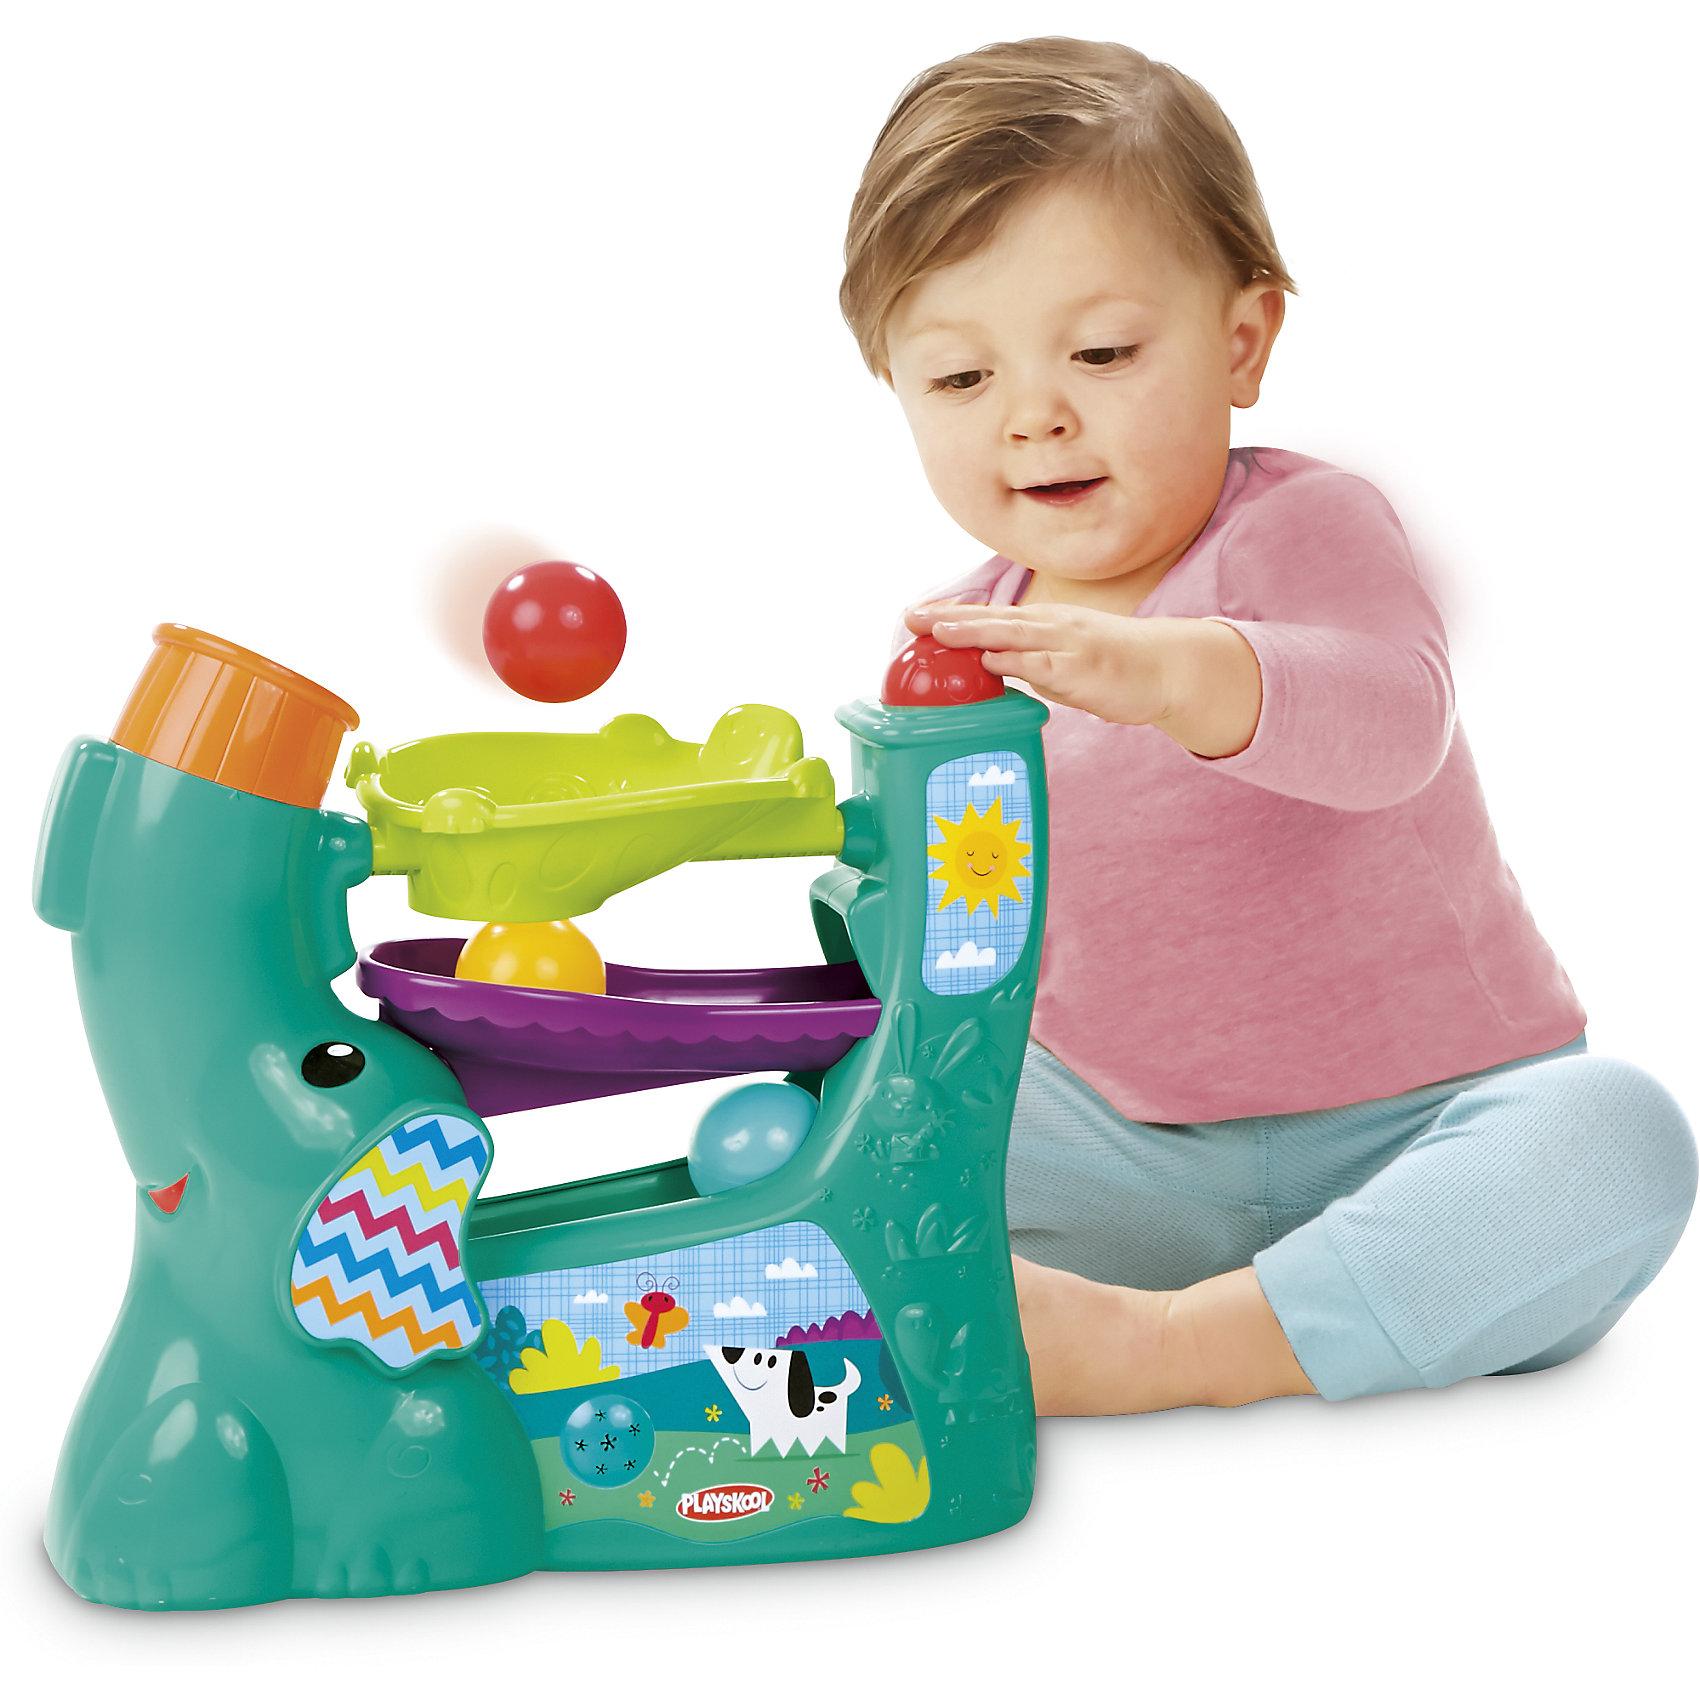 Новый весёлый слоник, PLAYSKOOLРазвивающие игрушки<br>Веселый слоник 3.0 помогает детям разваивать навыки наблюдения за предметами, так как дети с восторгом следят за тем как шарик катится по желобкам. Мама может переключать 4 различных режима игры, меняя направление хобота. Под напором воздуха шарики непредсказуемо вылетают, а ребенок двигается за ними. Шарики надежно хранятся внутри, есть удобная ручка для переноски, компактный дизайн - удобно хранить.<br><br>Ширина мм: 130<br>Глубина мм: 300<br>Высота мм: 240<br>Вес г: 743<br>Возраст от месяцев: 6<br>Возраст до месяцев: 36<br>Пол: Унисекс<br>Возраст: Детский<br>SKU: 4915060